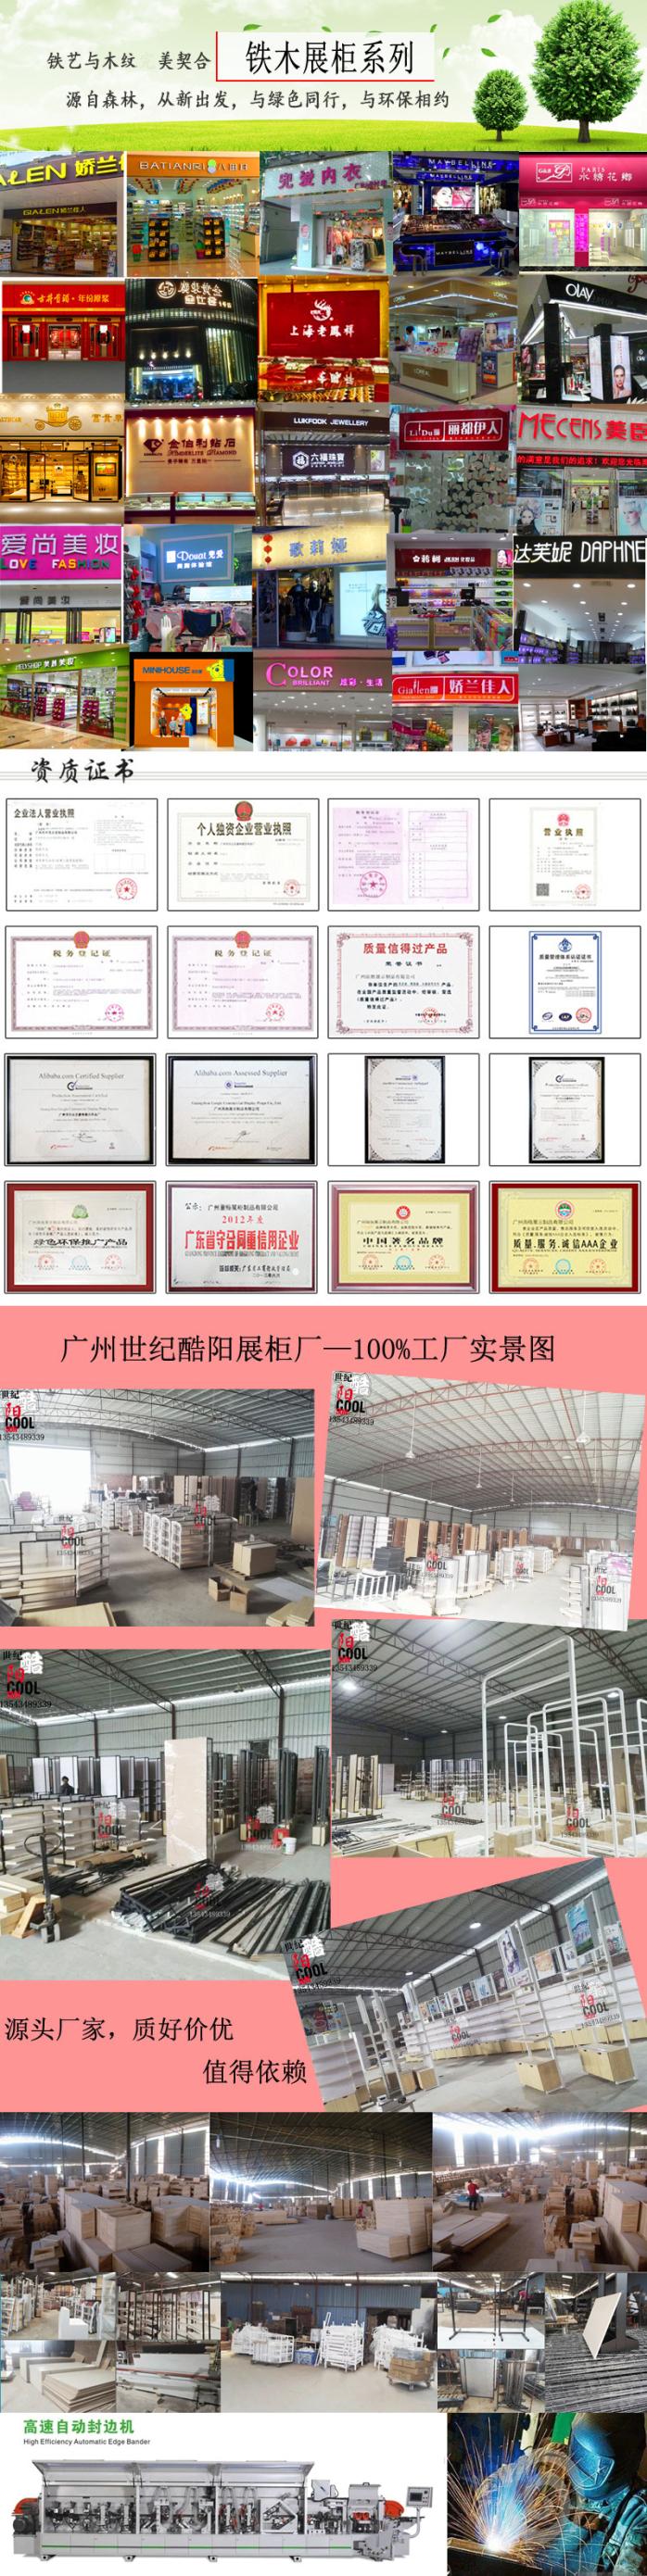 2.4米日化店護膚品展櫃木紋鋼木化妝品櫃檯展示櫃78548732